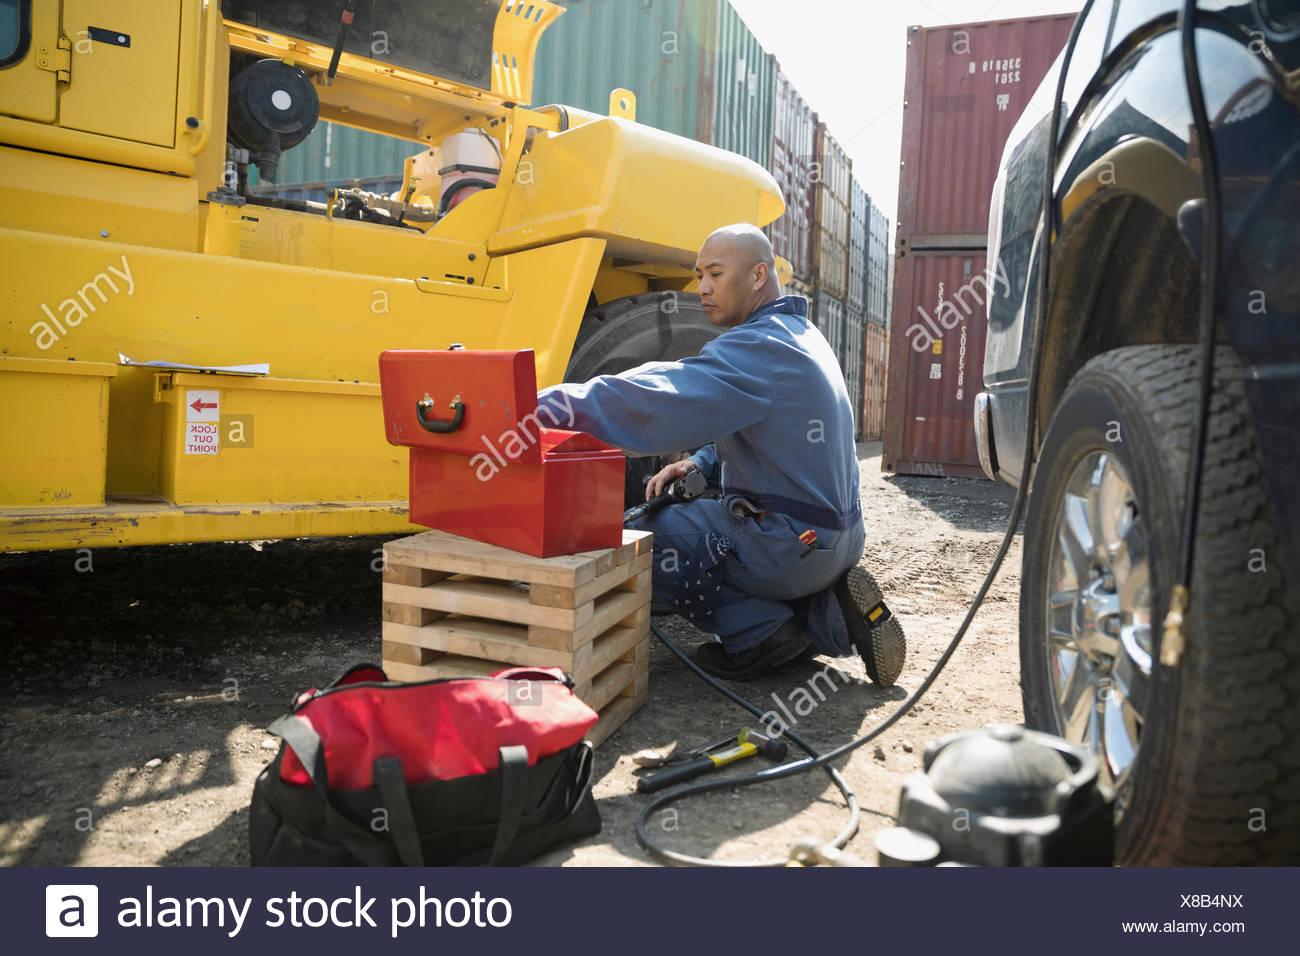 Mécanicien mâle avec fixation de la boîte à outils de la machinerie lourde en parc à conteneurs industriels Photo Stock